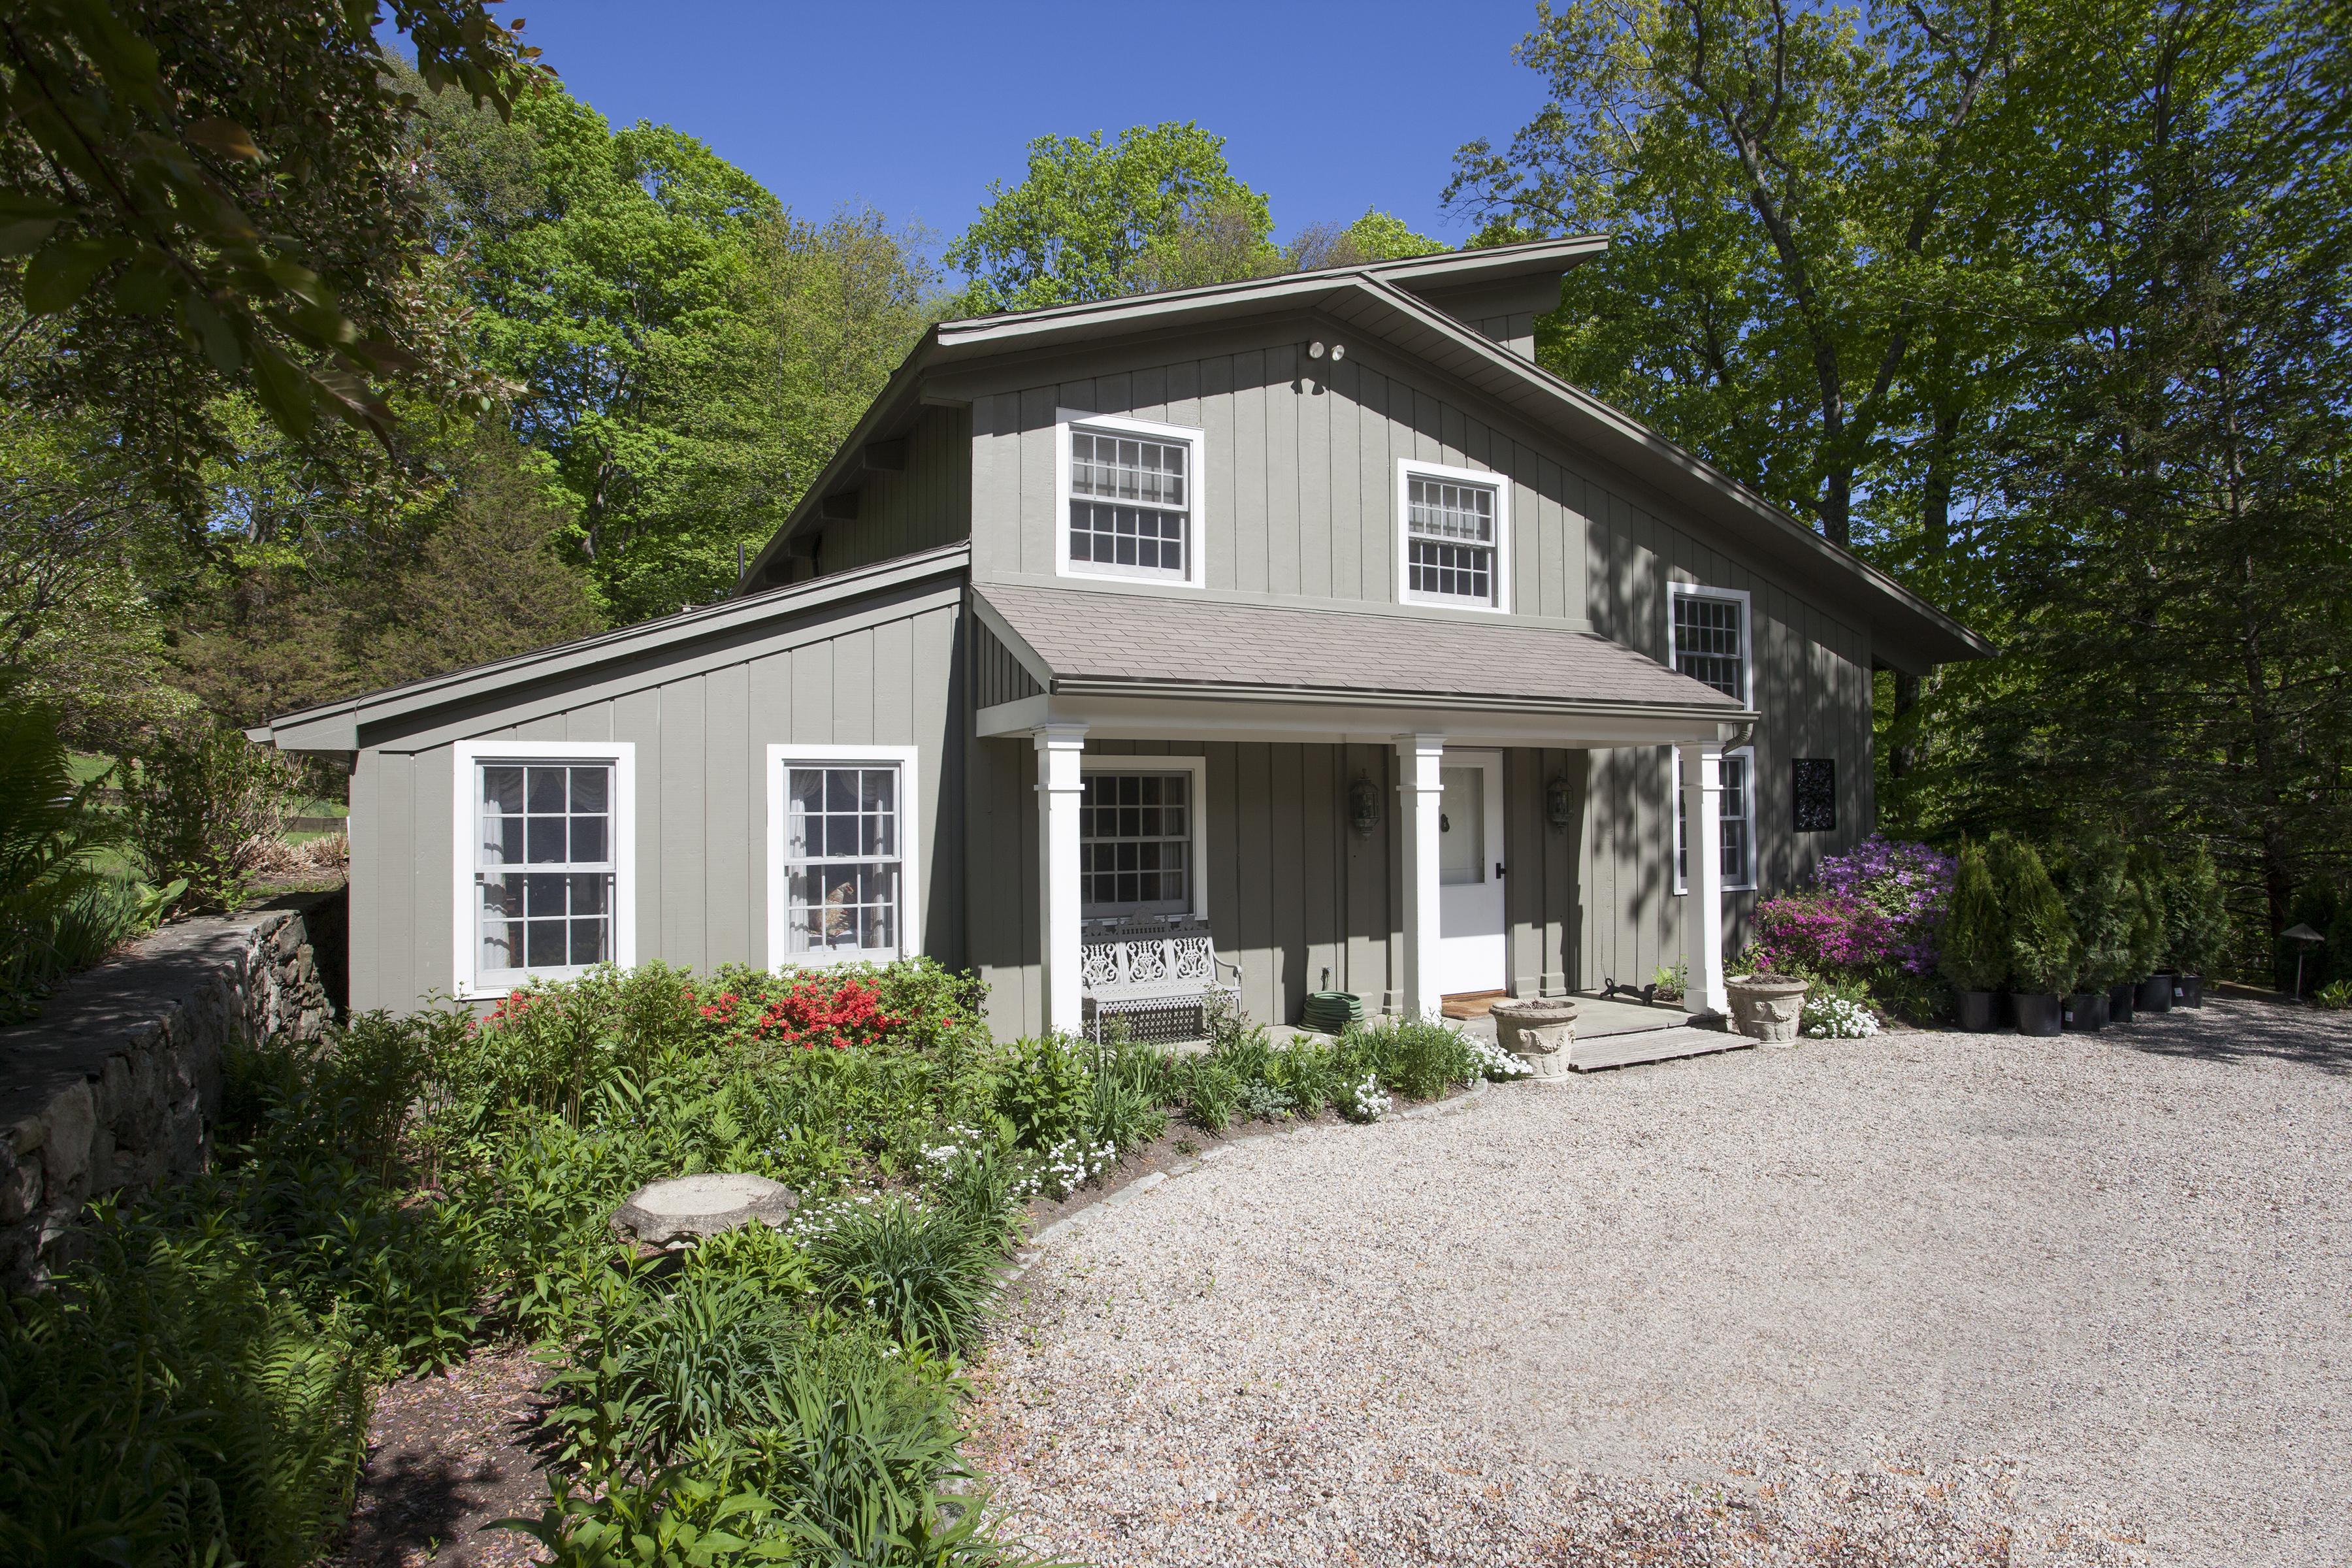 Casa Unifamiliar por un Venta en Stylish Country Home 67 Squire Road Roxbury, Connecticut 06783 Estados Unidos